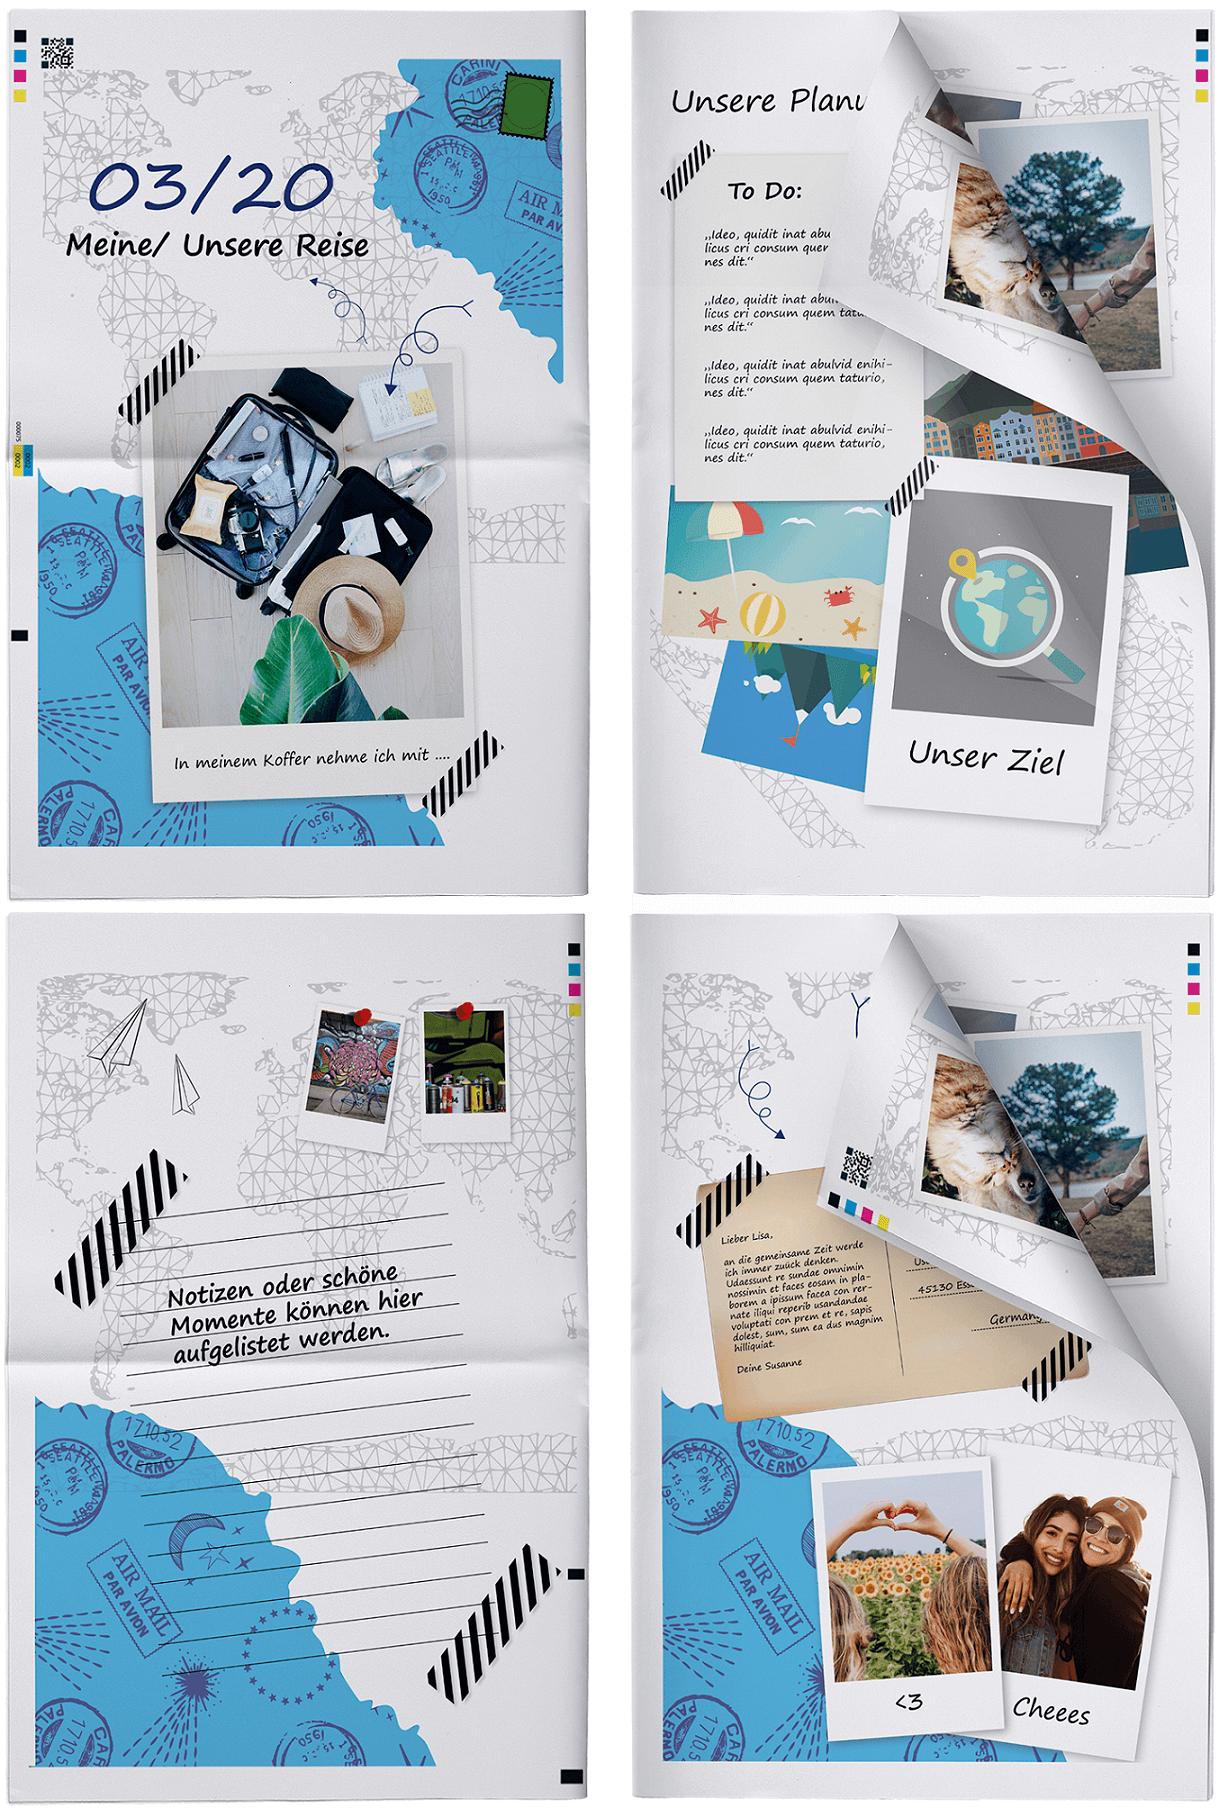 Ideen & Themen für ein persönliches Reisetagebuch